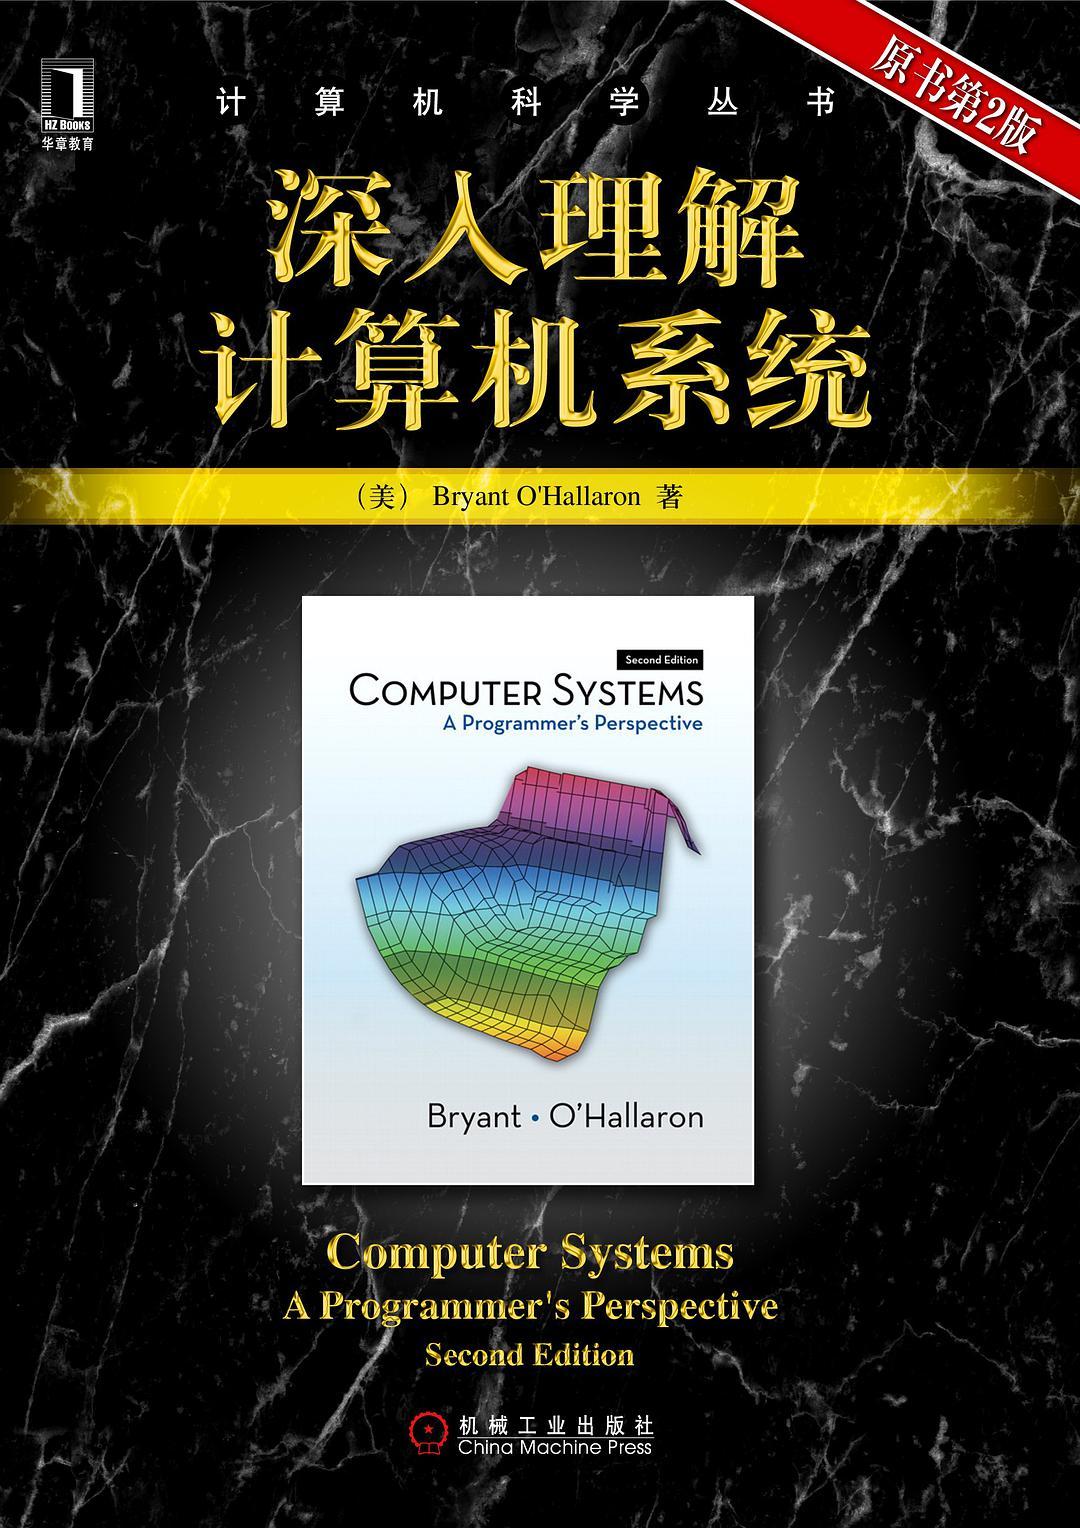 《深入理解计算机系统》